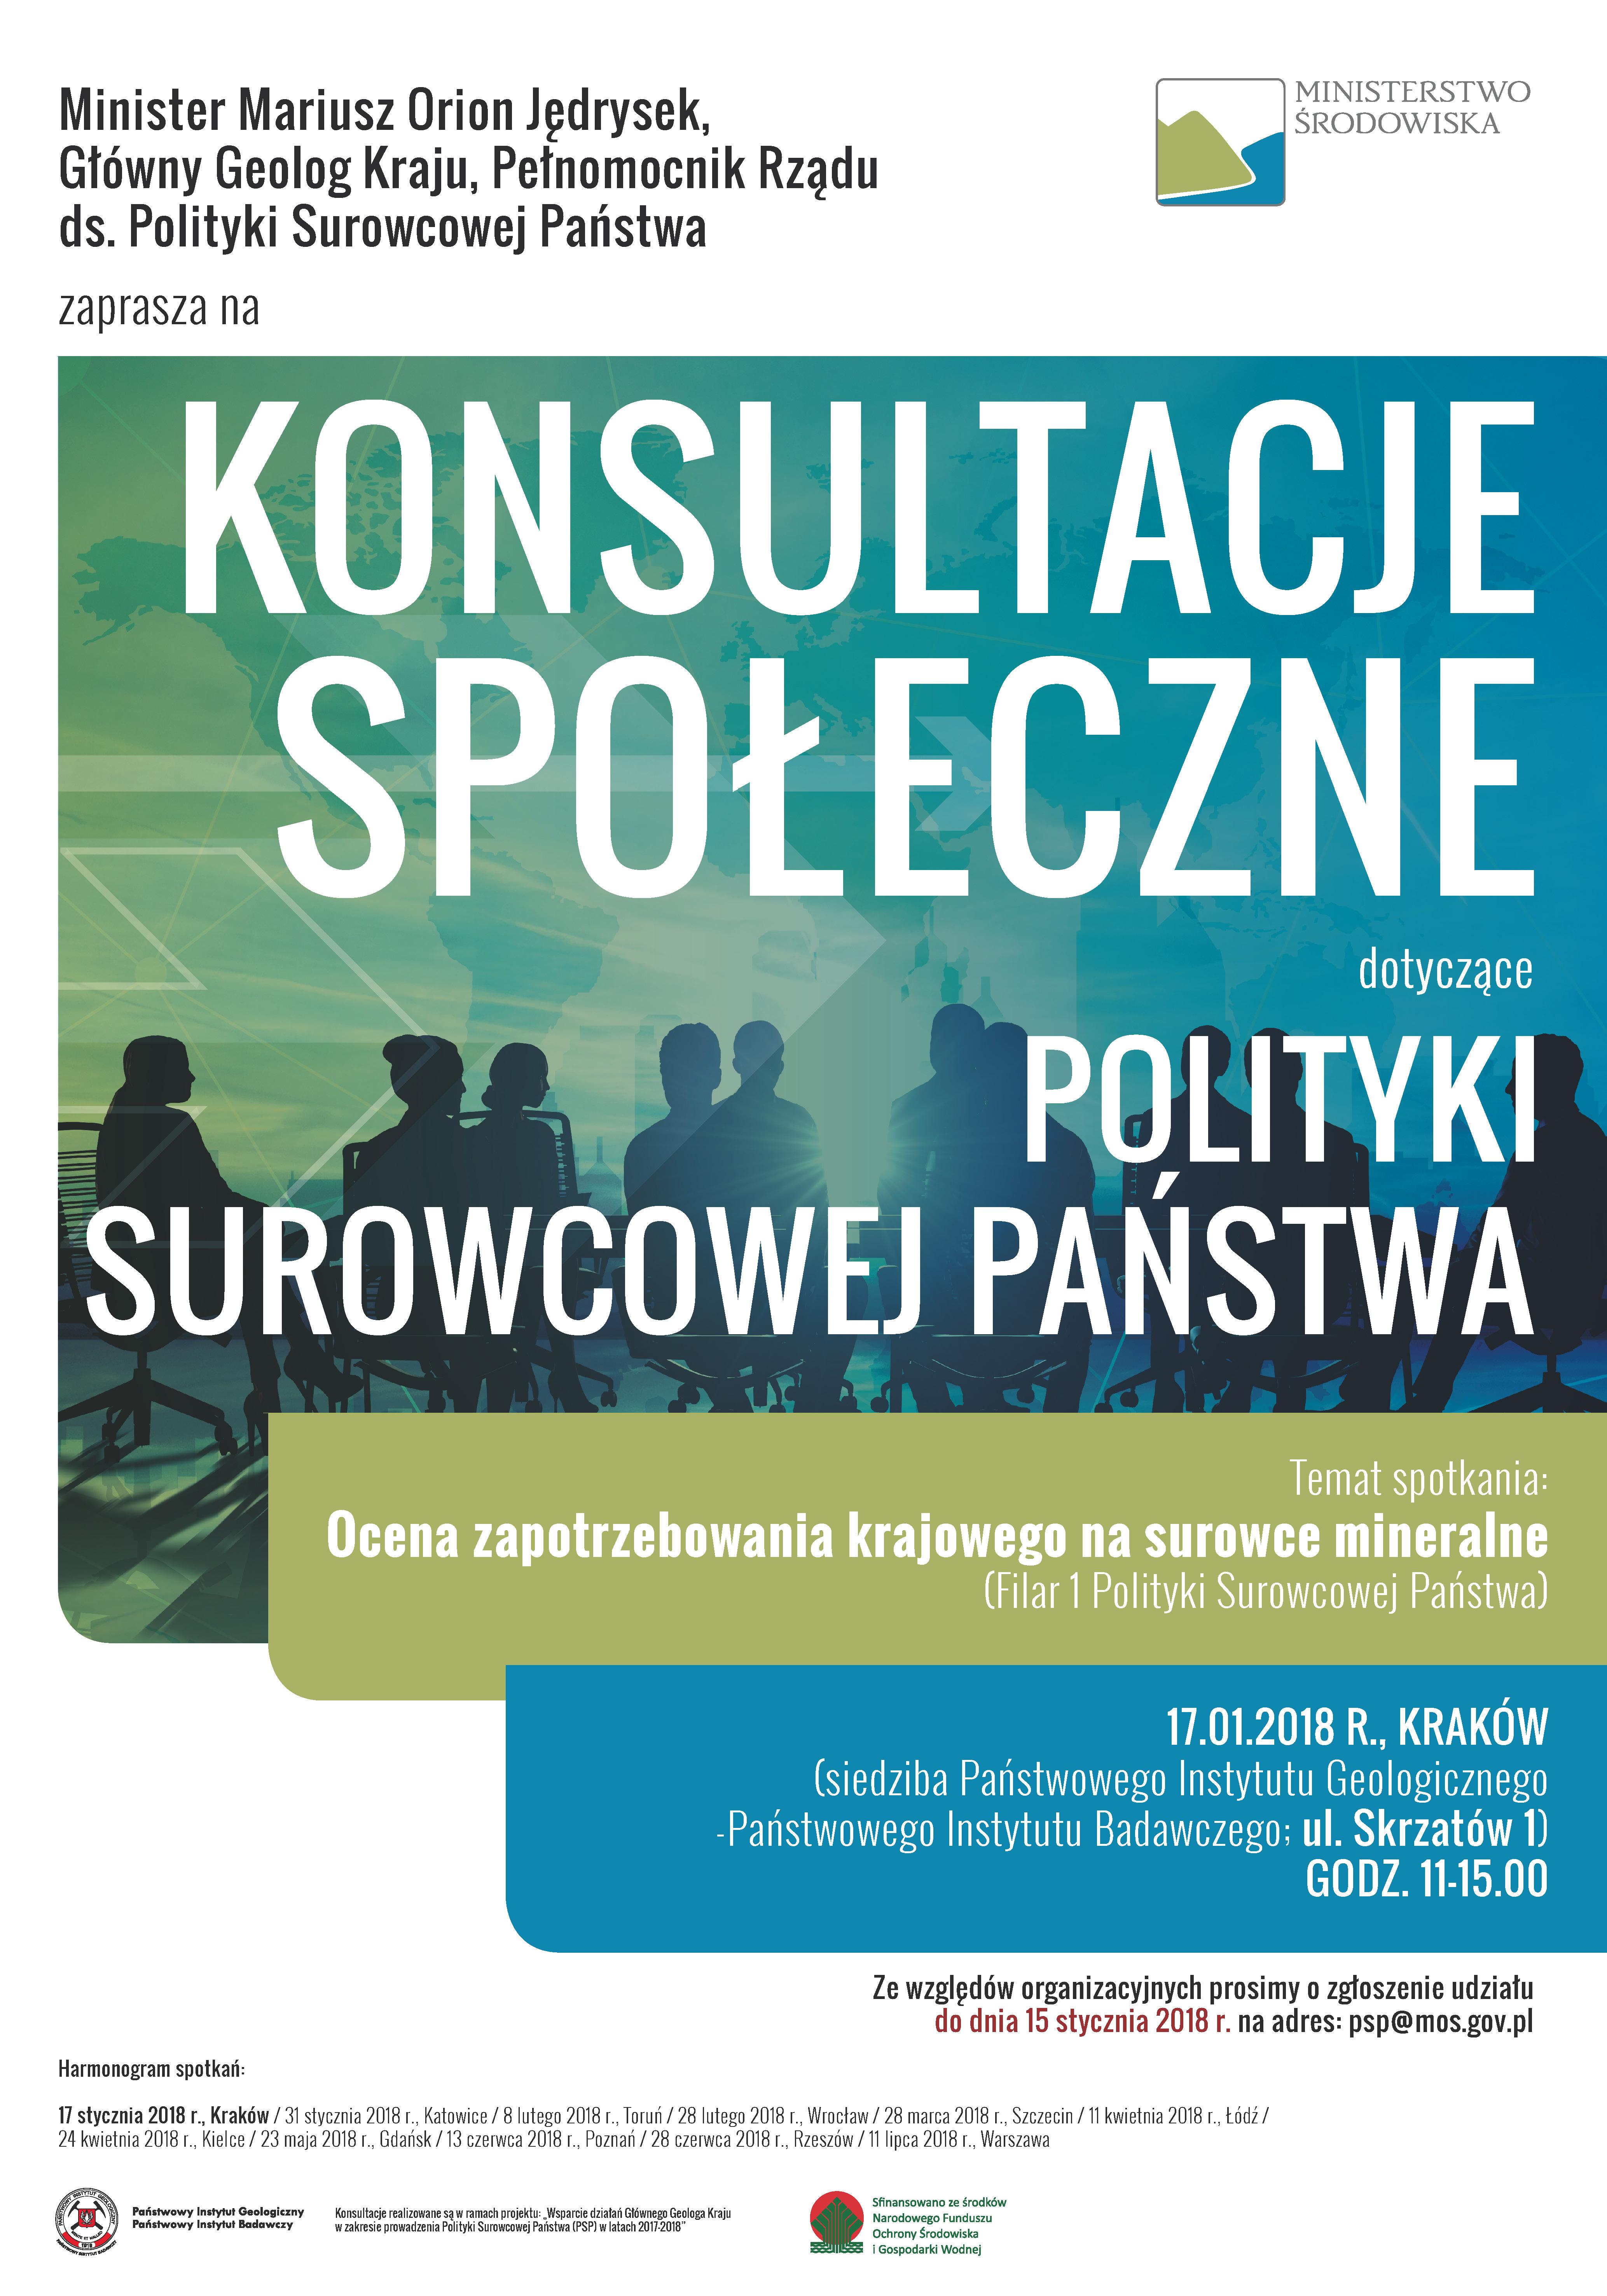 konsultacje społeczne - polityka surowcowa państwa; filar I obejmujący zasoby geotermalne - informacje o spotkaniu 17 stycznia w Krakowskim PIG-PIB